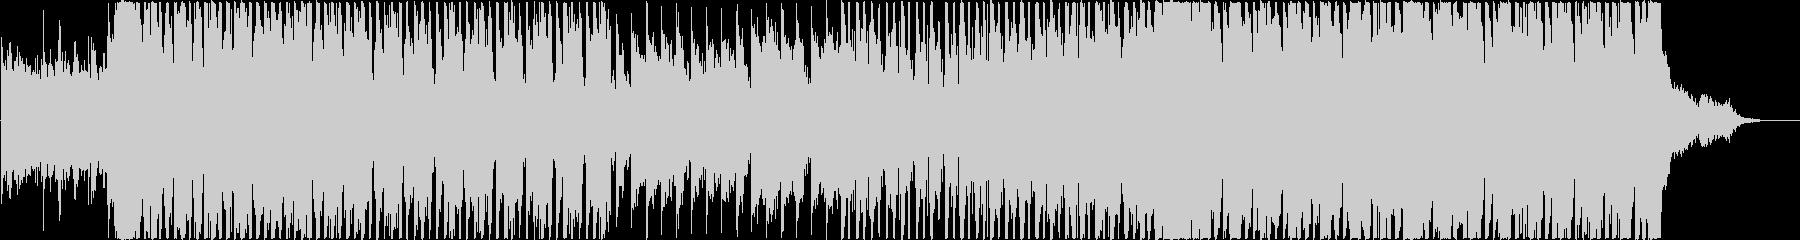 実験的 ロック ポストロック メタ...の未再生の波形